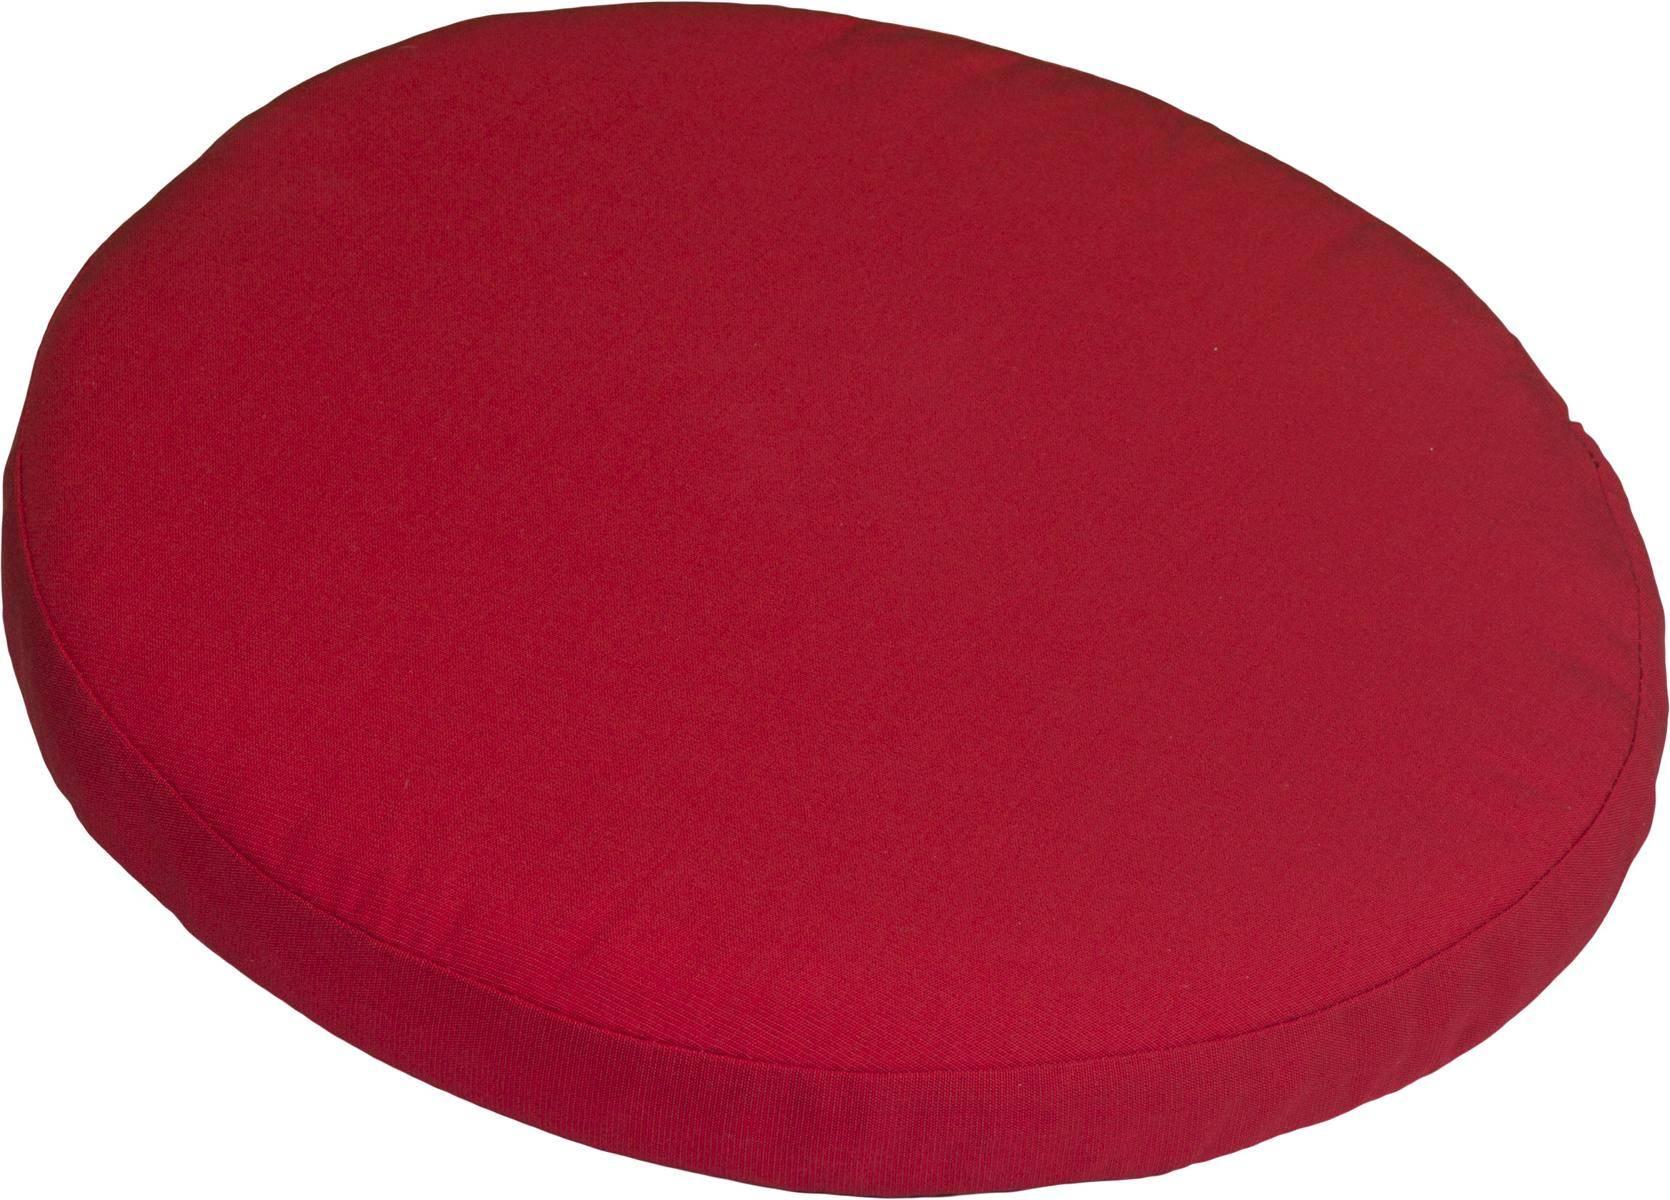 Polster für Balkonstühle rund rot Dralon Bezug 40 cm mit Reissverschluss